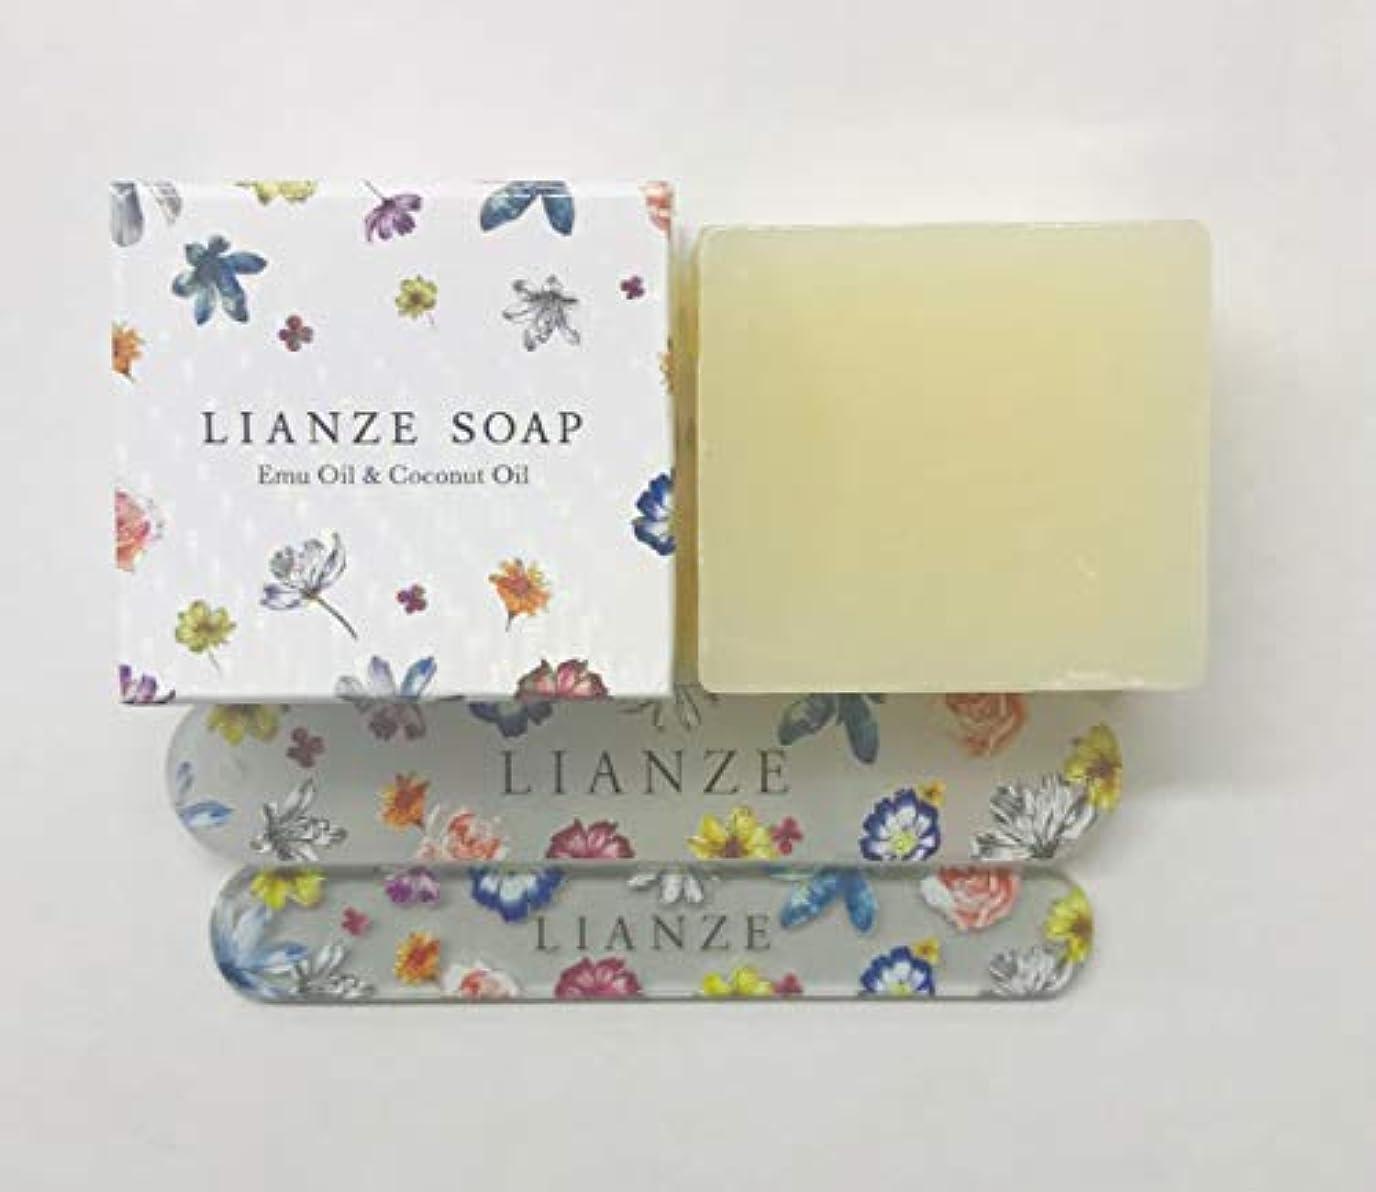 ルート祭り事前にギフト プレゼント [ LIANZE ギフトセット ] 洗顔 石鹸 爪磨き